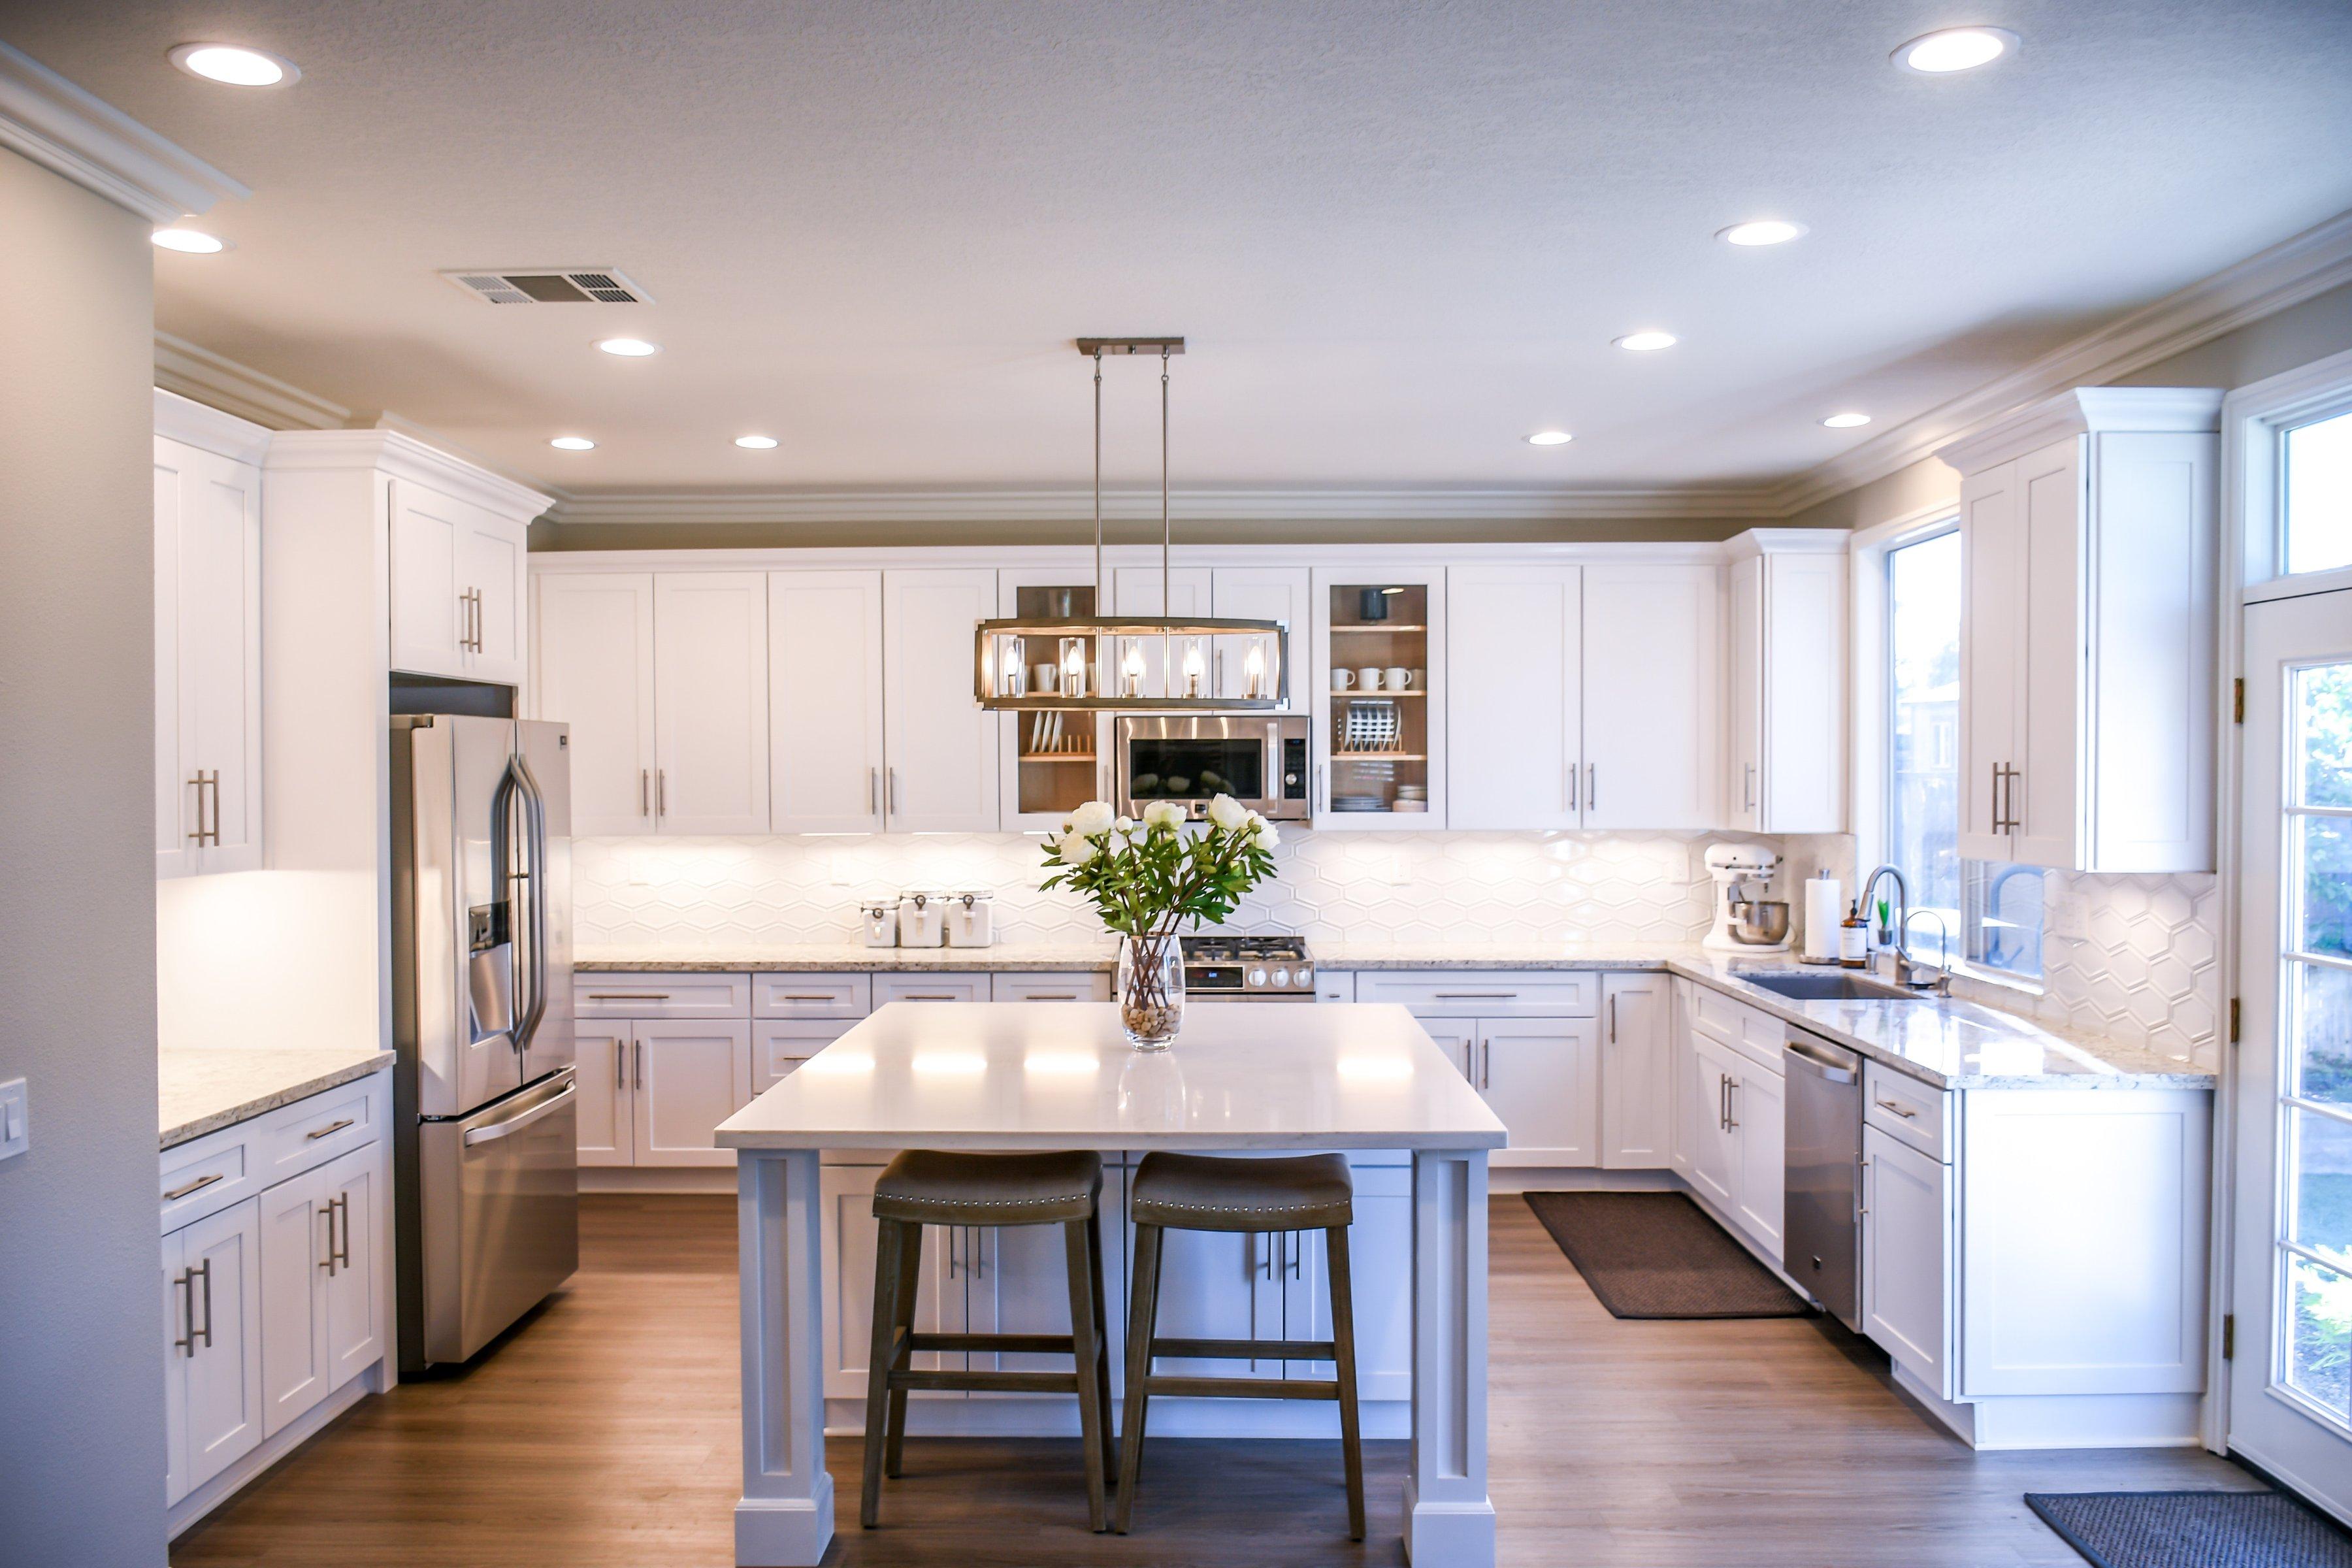 Top 10 Modern Kitchen Design Ideas For 2019 My Decorative